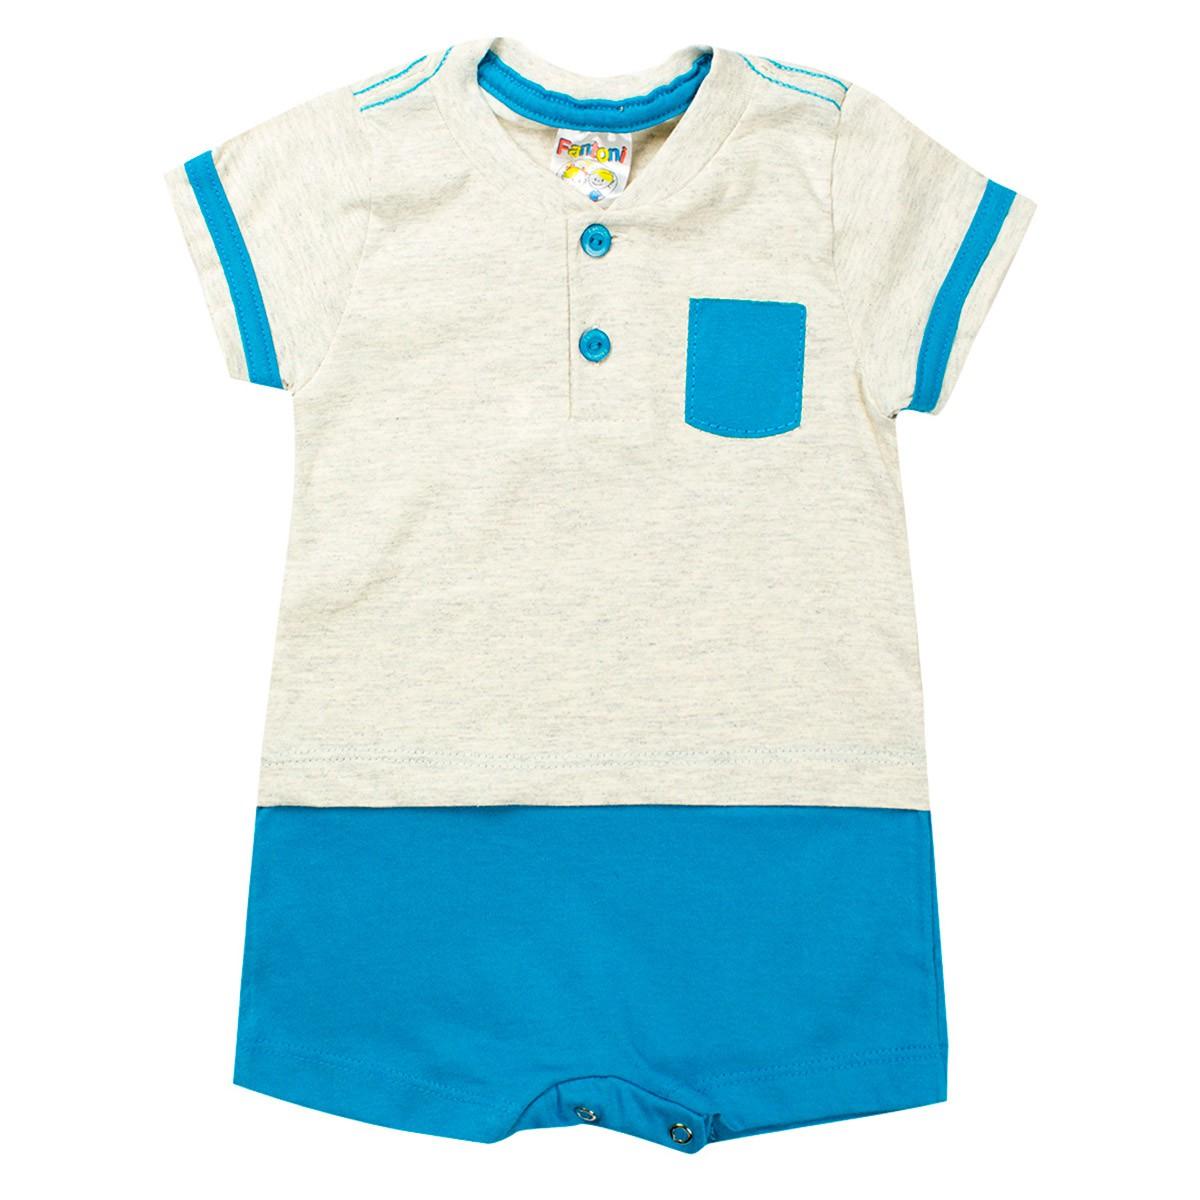 Macaquinho Infantil Menino Com Botões Azul - Fantoni